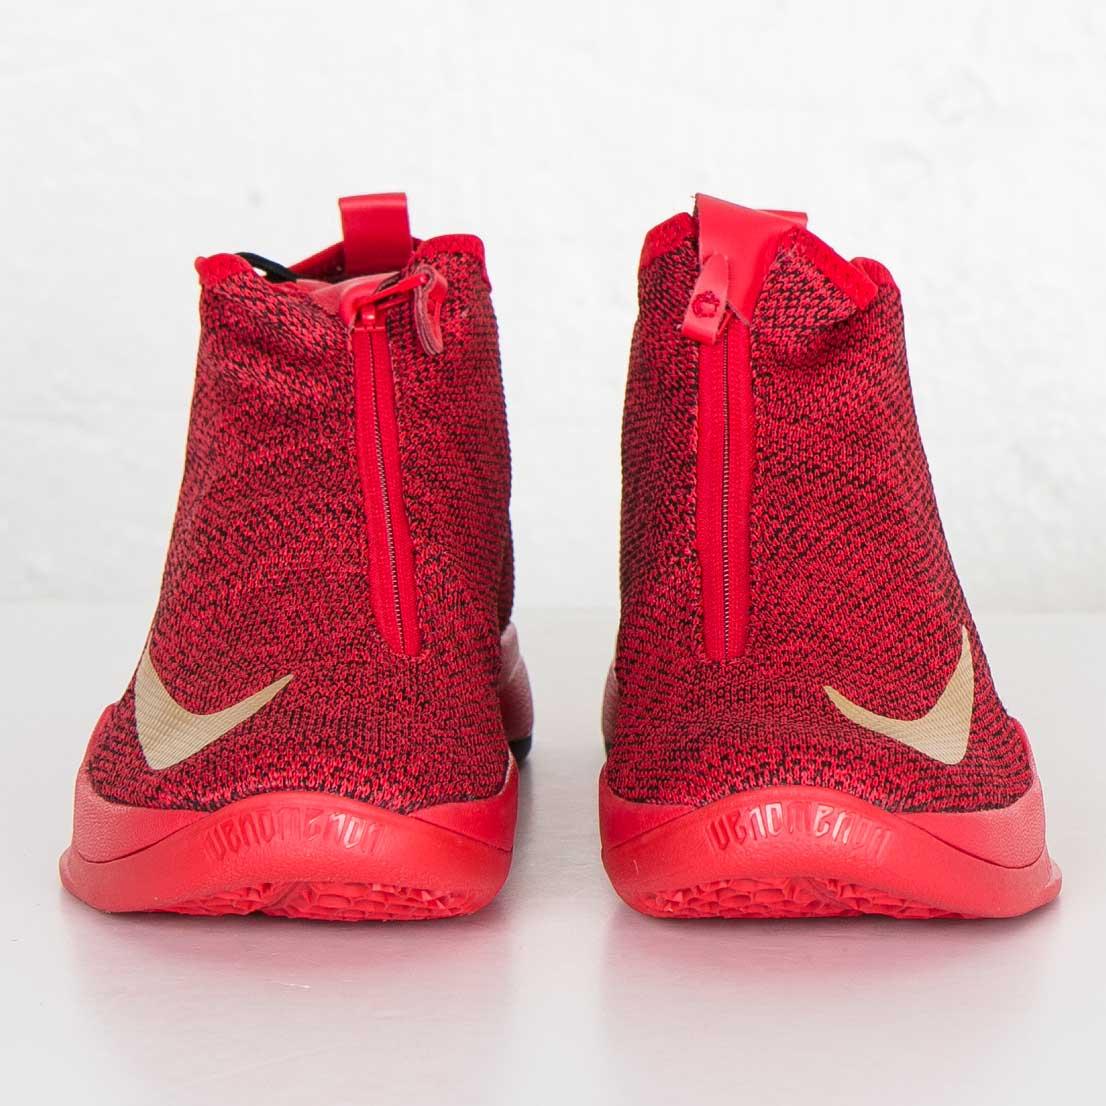 timeless design eabe7 e63d5 Nike Zoom Kobe Icon - 818583-600 - Sneakersnstuff   sneakers   streetwear  online since 1999